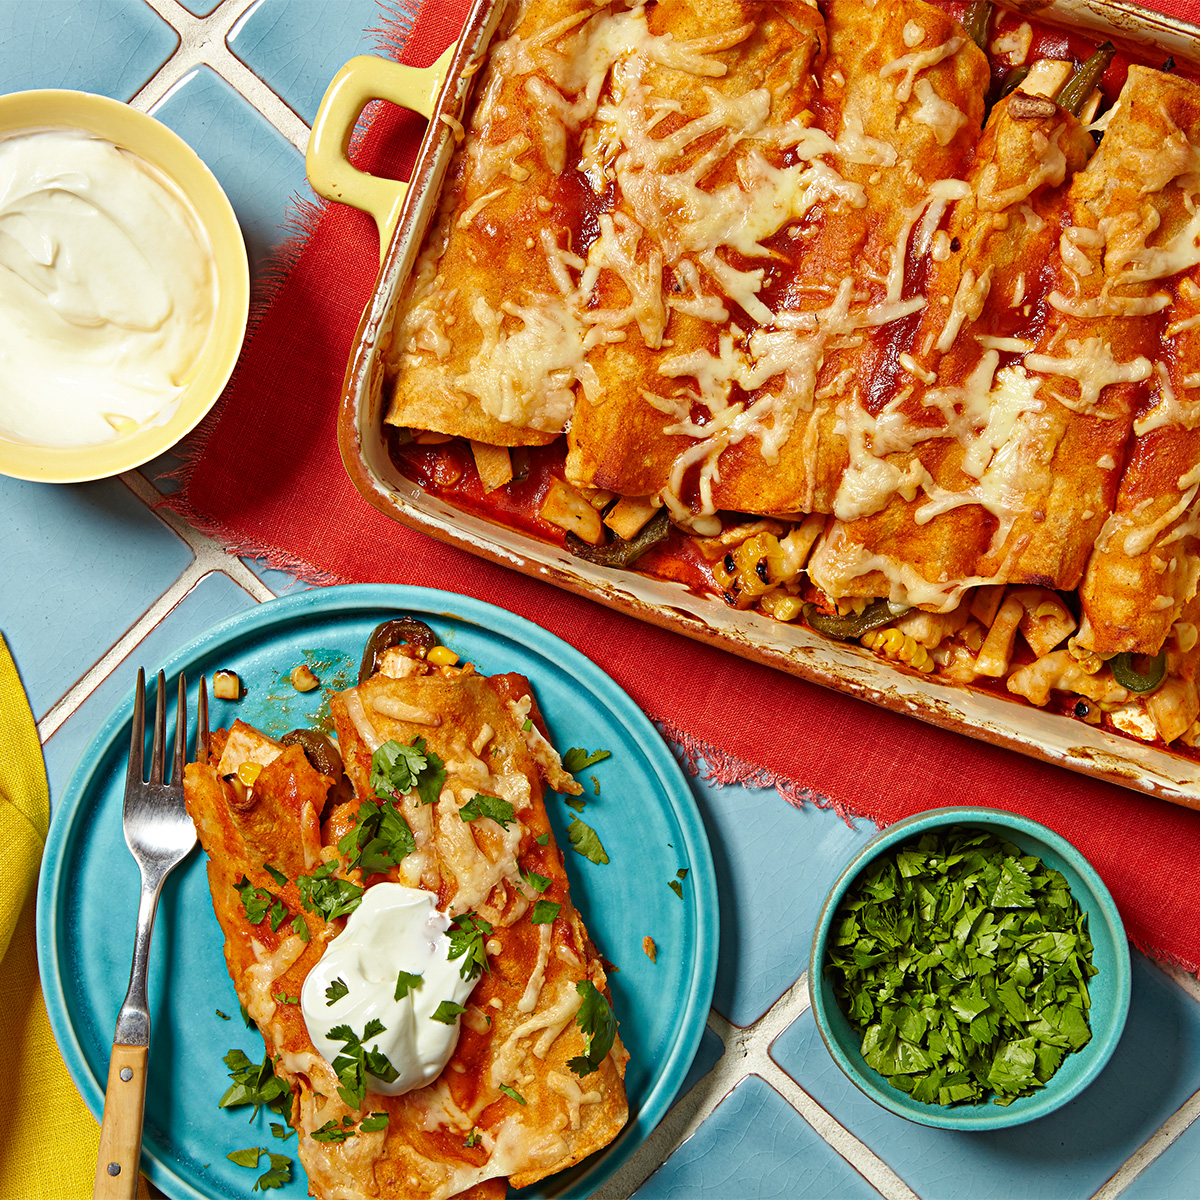 Red Chicken Enchiladas